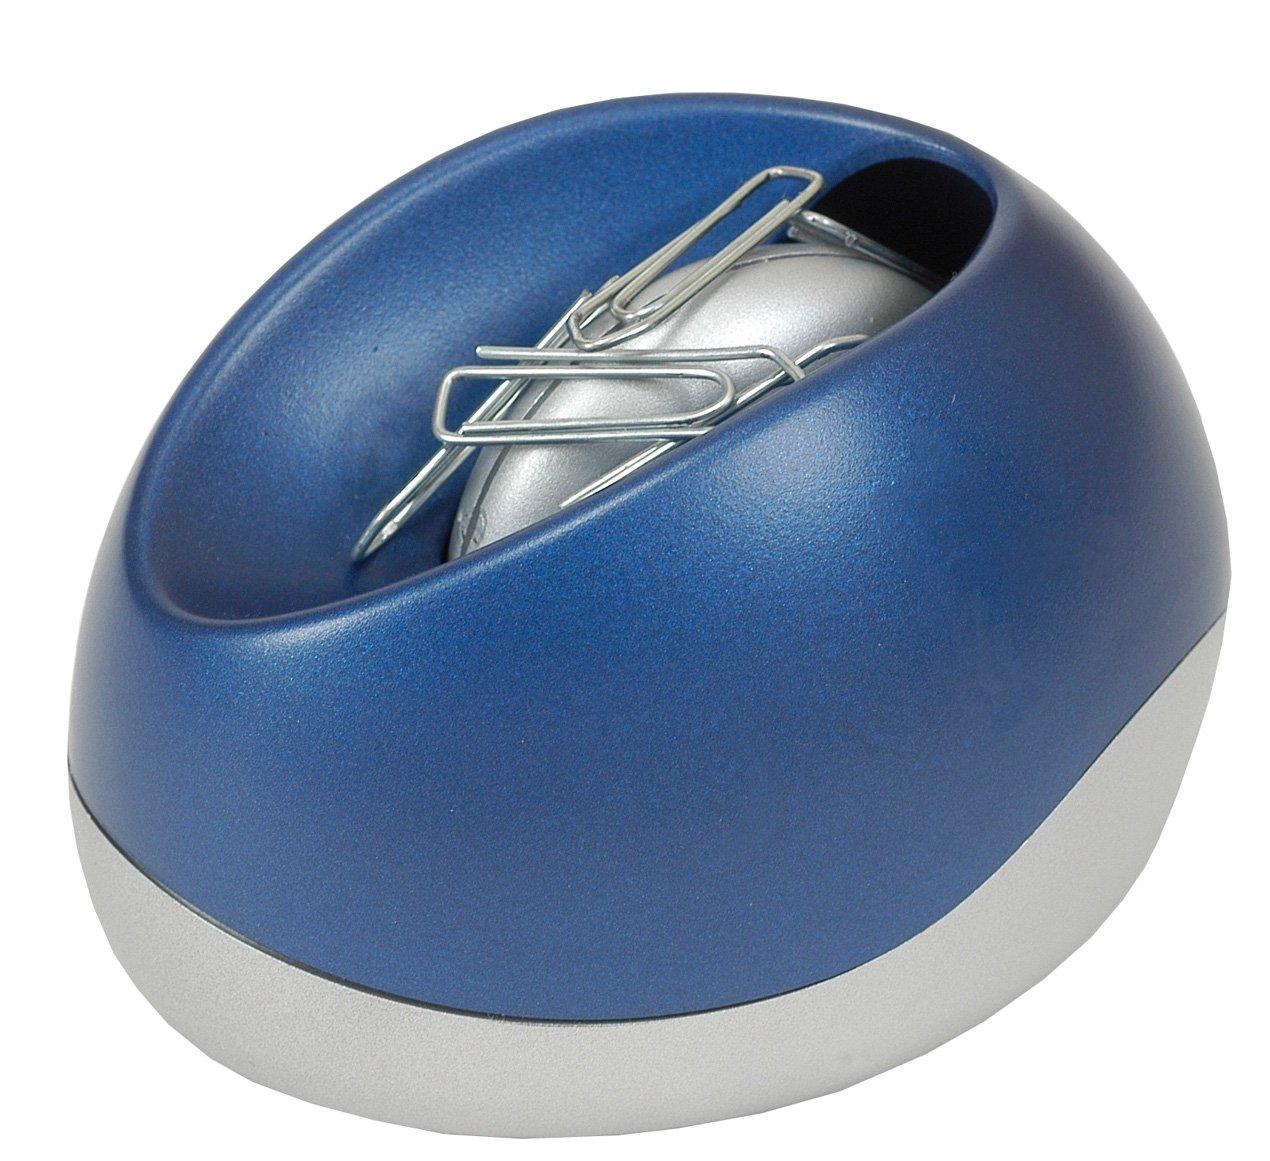 ALBA Clip Dispenser CLIPO CLIPOB 93 x 73 x 70 MM Metallic Blue